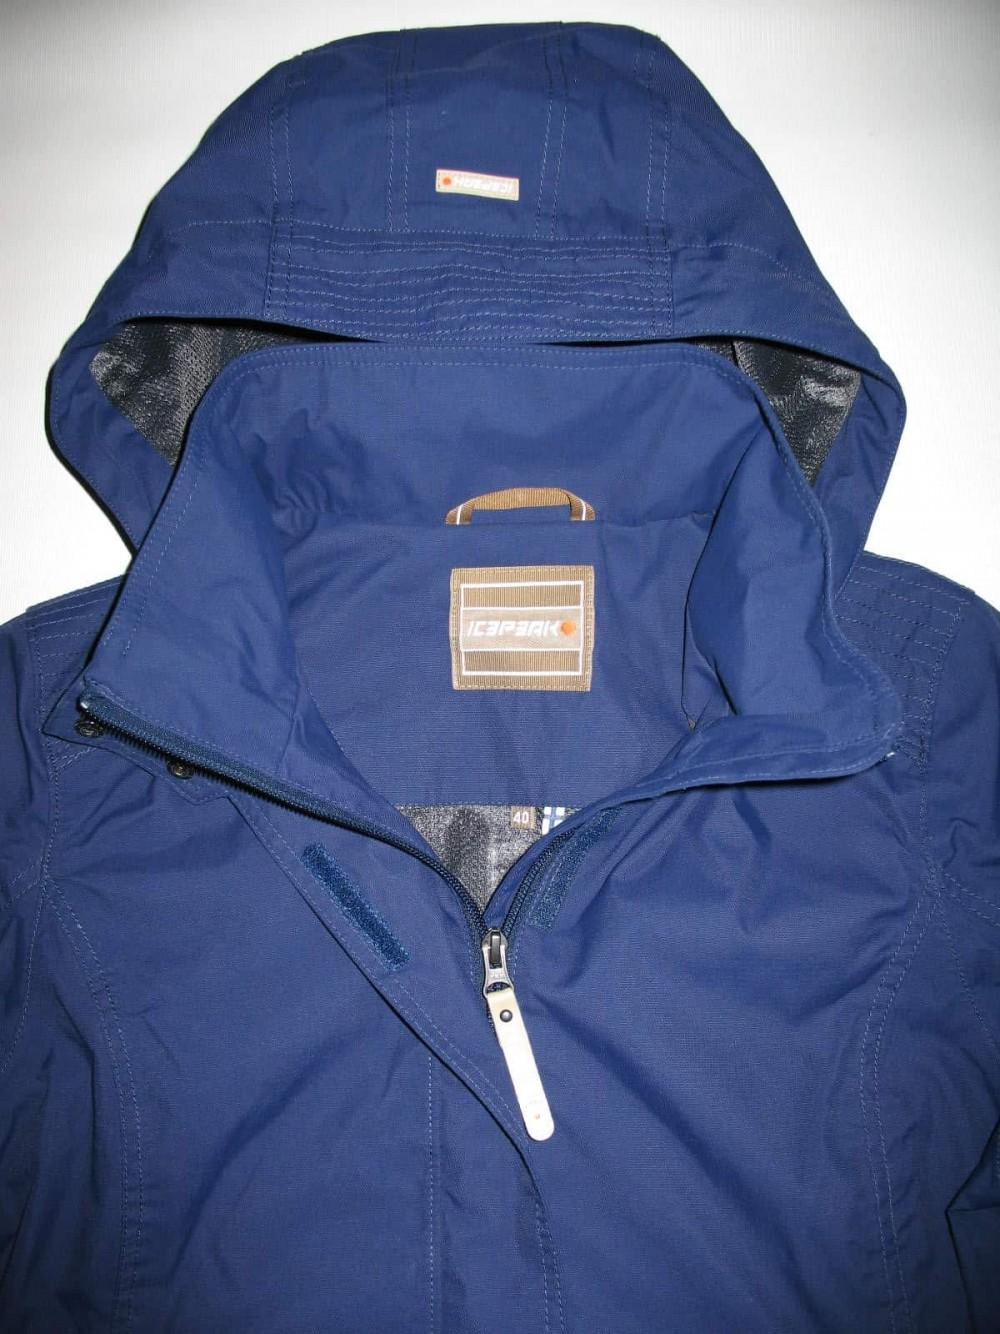 Куртка ICEPEAK icetech outdoor jacket lady (размер 40/M) - 3